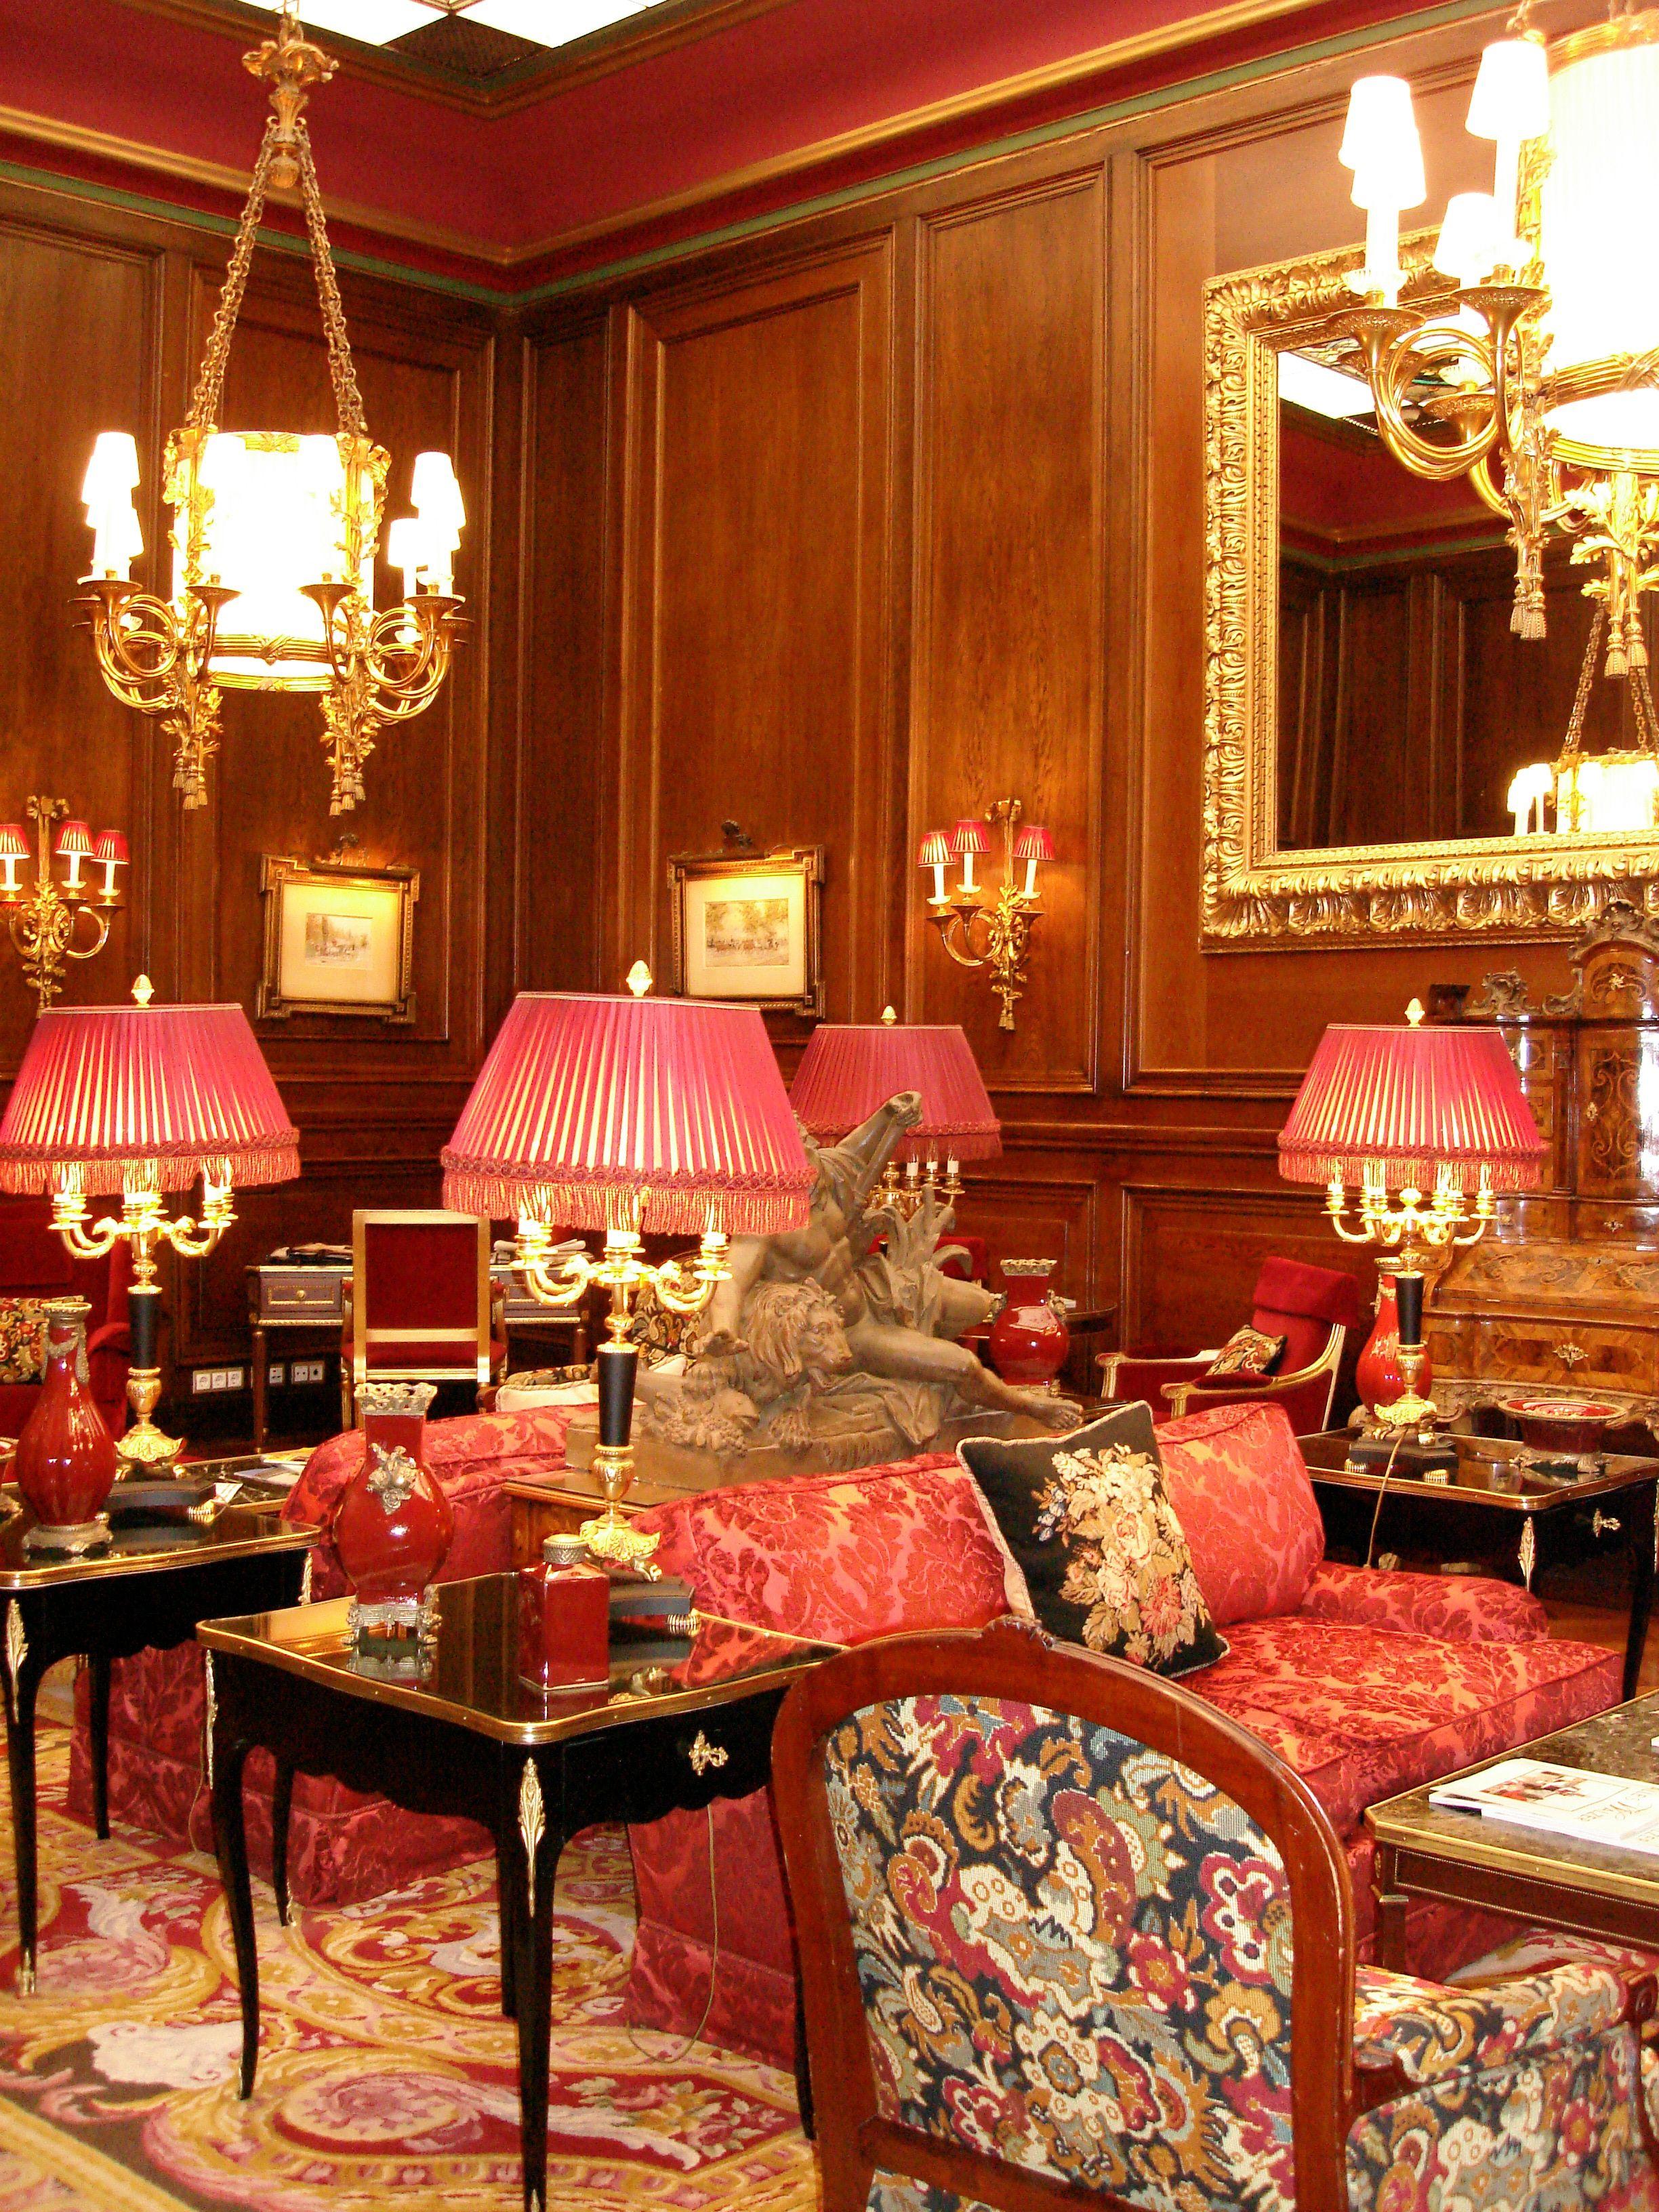 Hotel Sacher Interiors Innere Stadt Vienna Austria